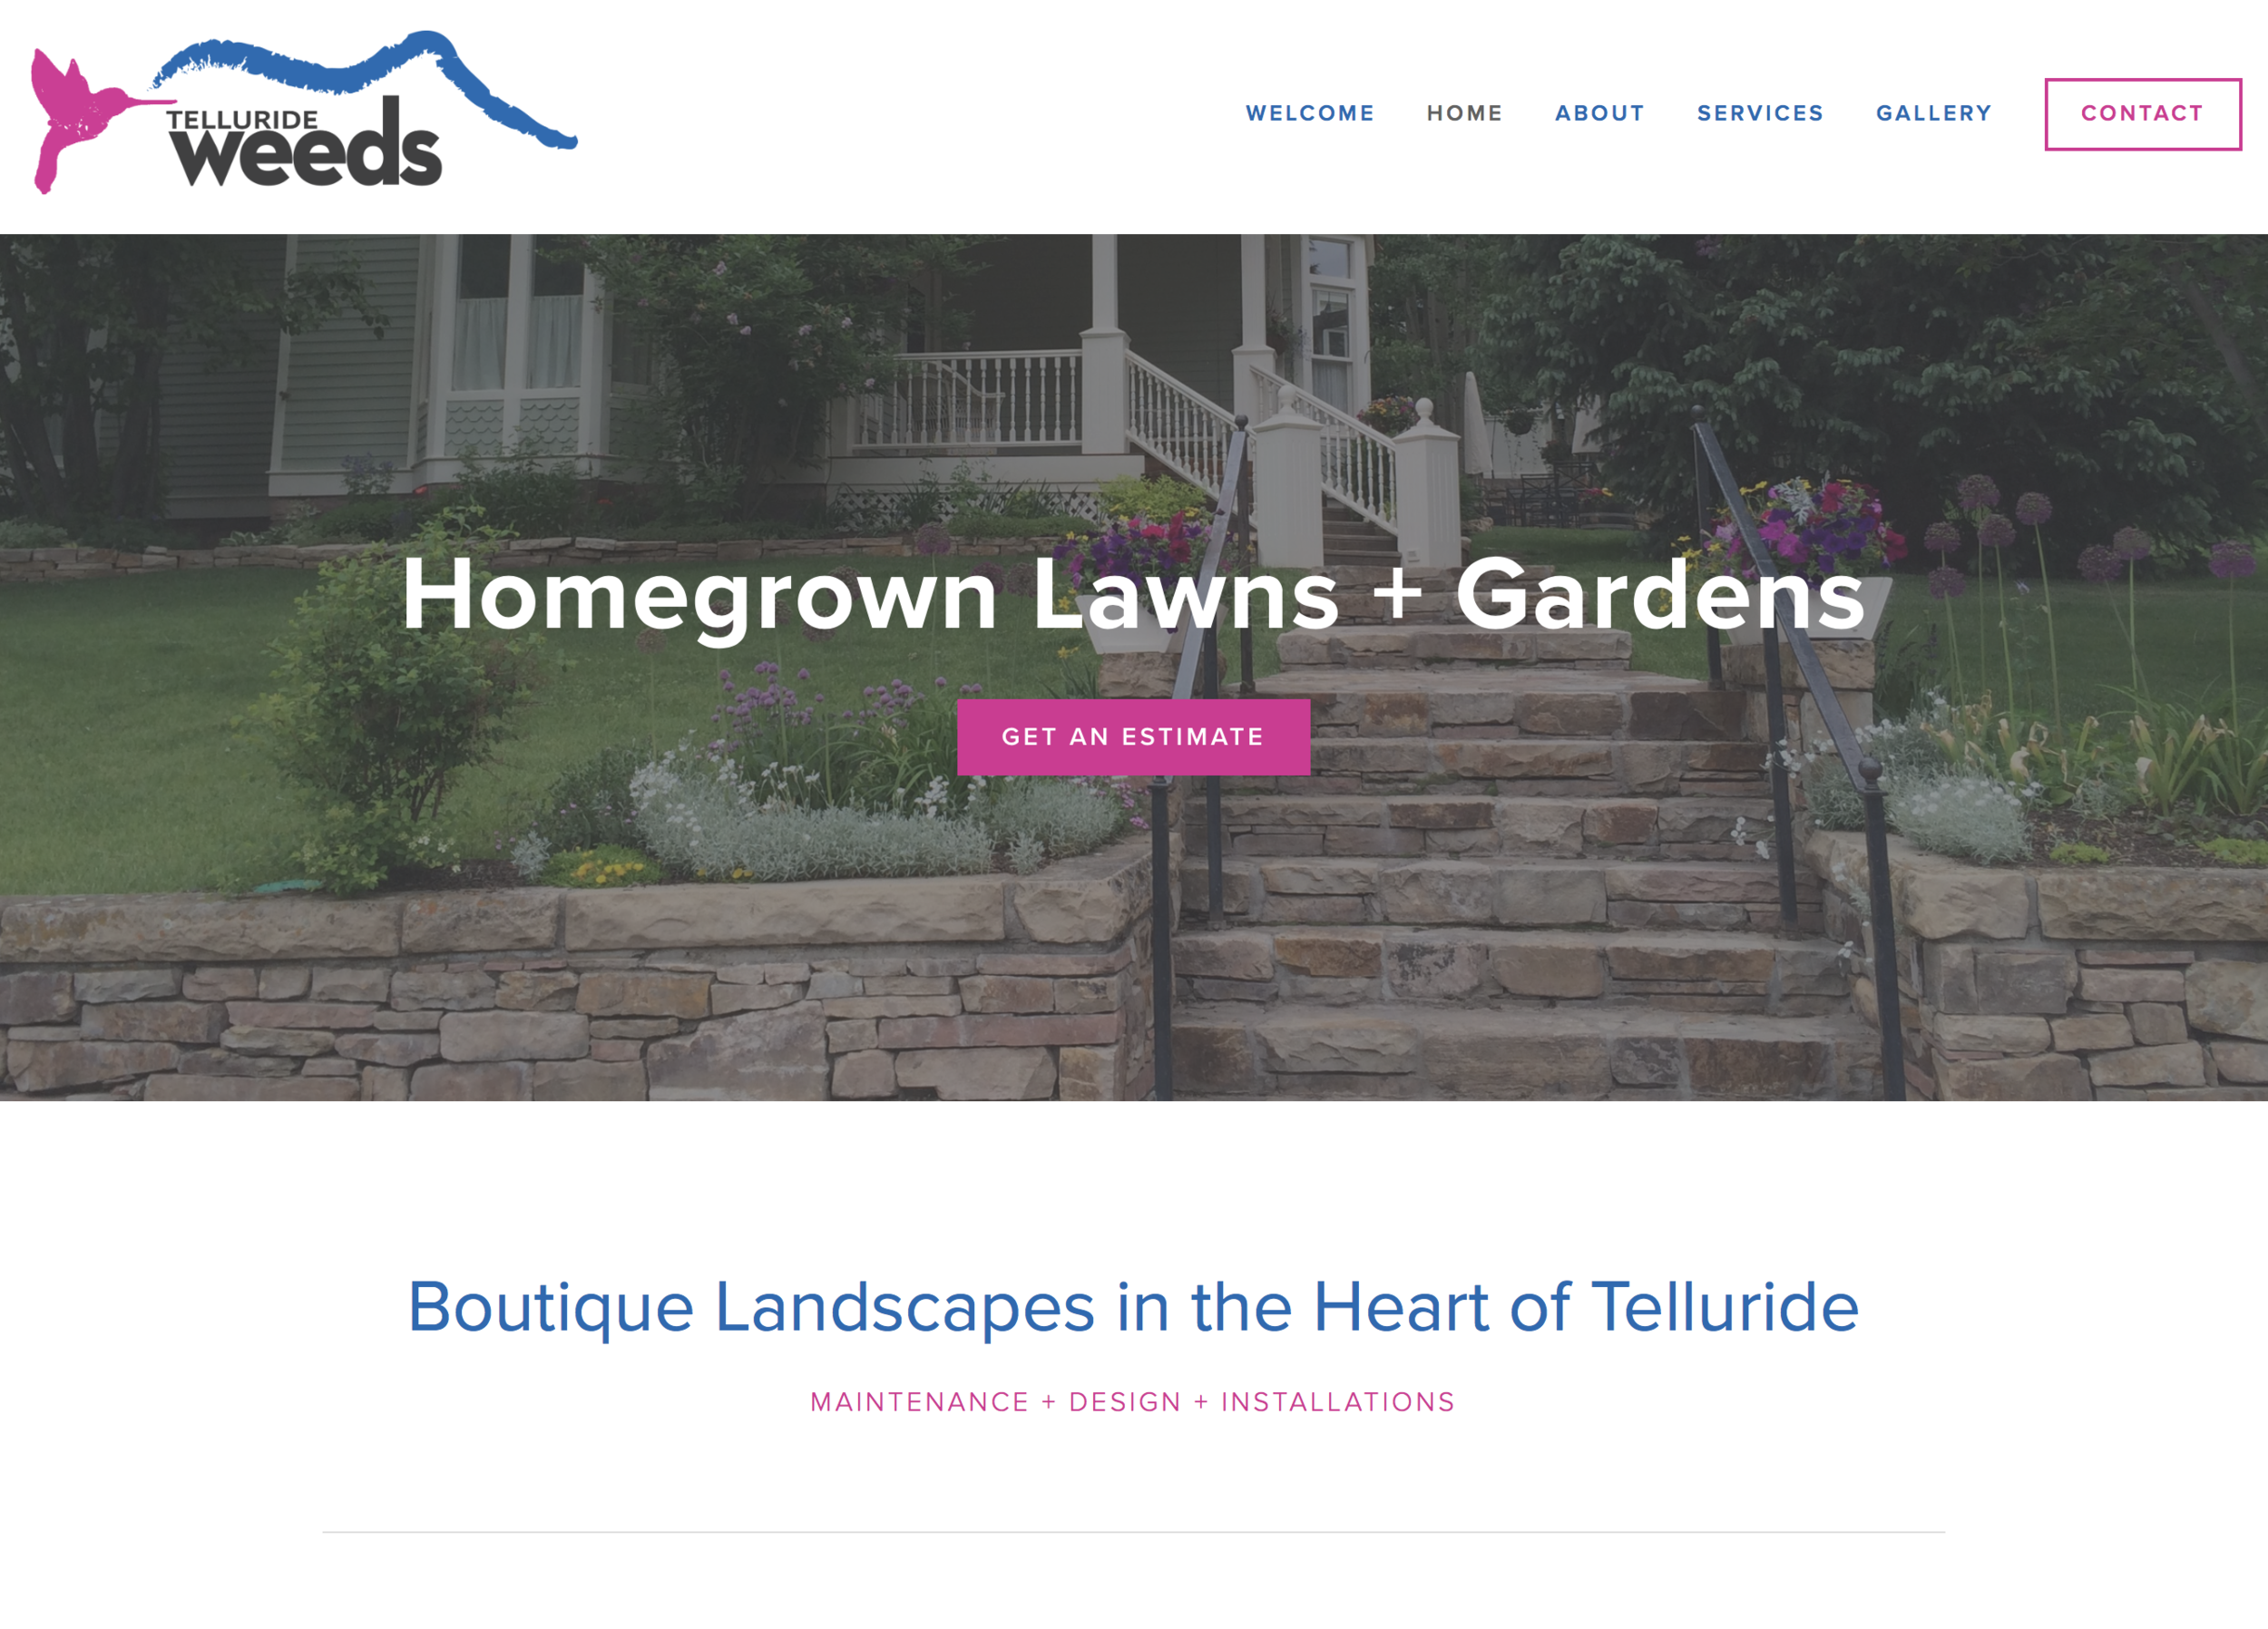 Website for Weeds Telluride